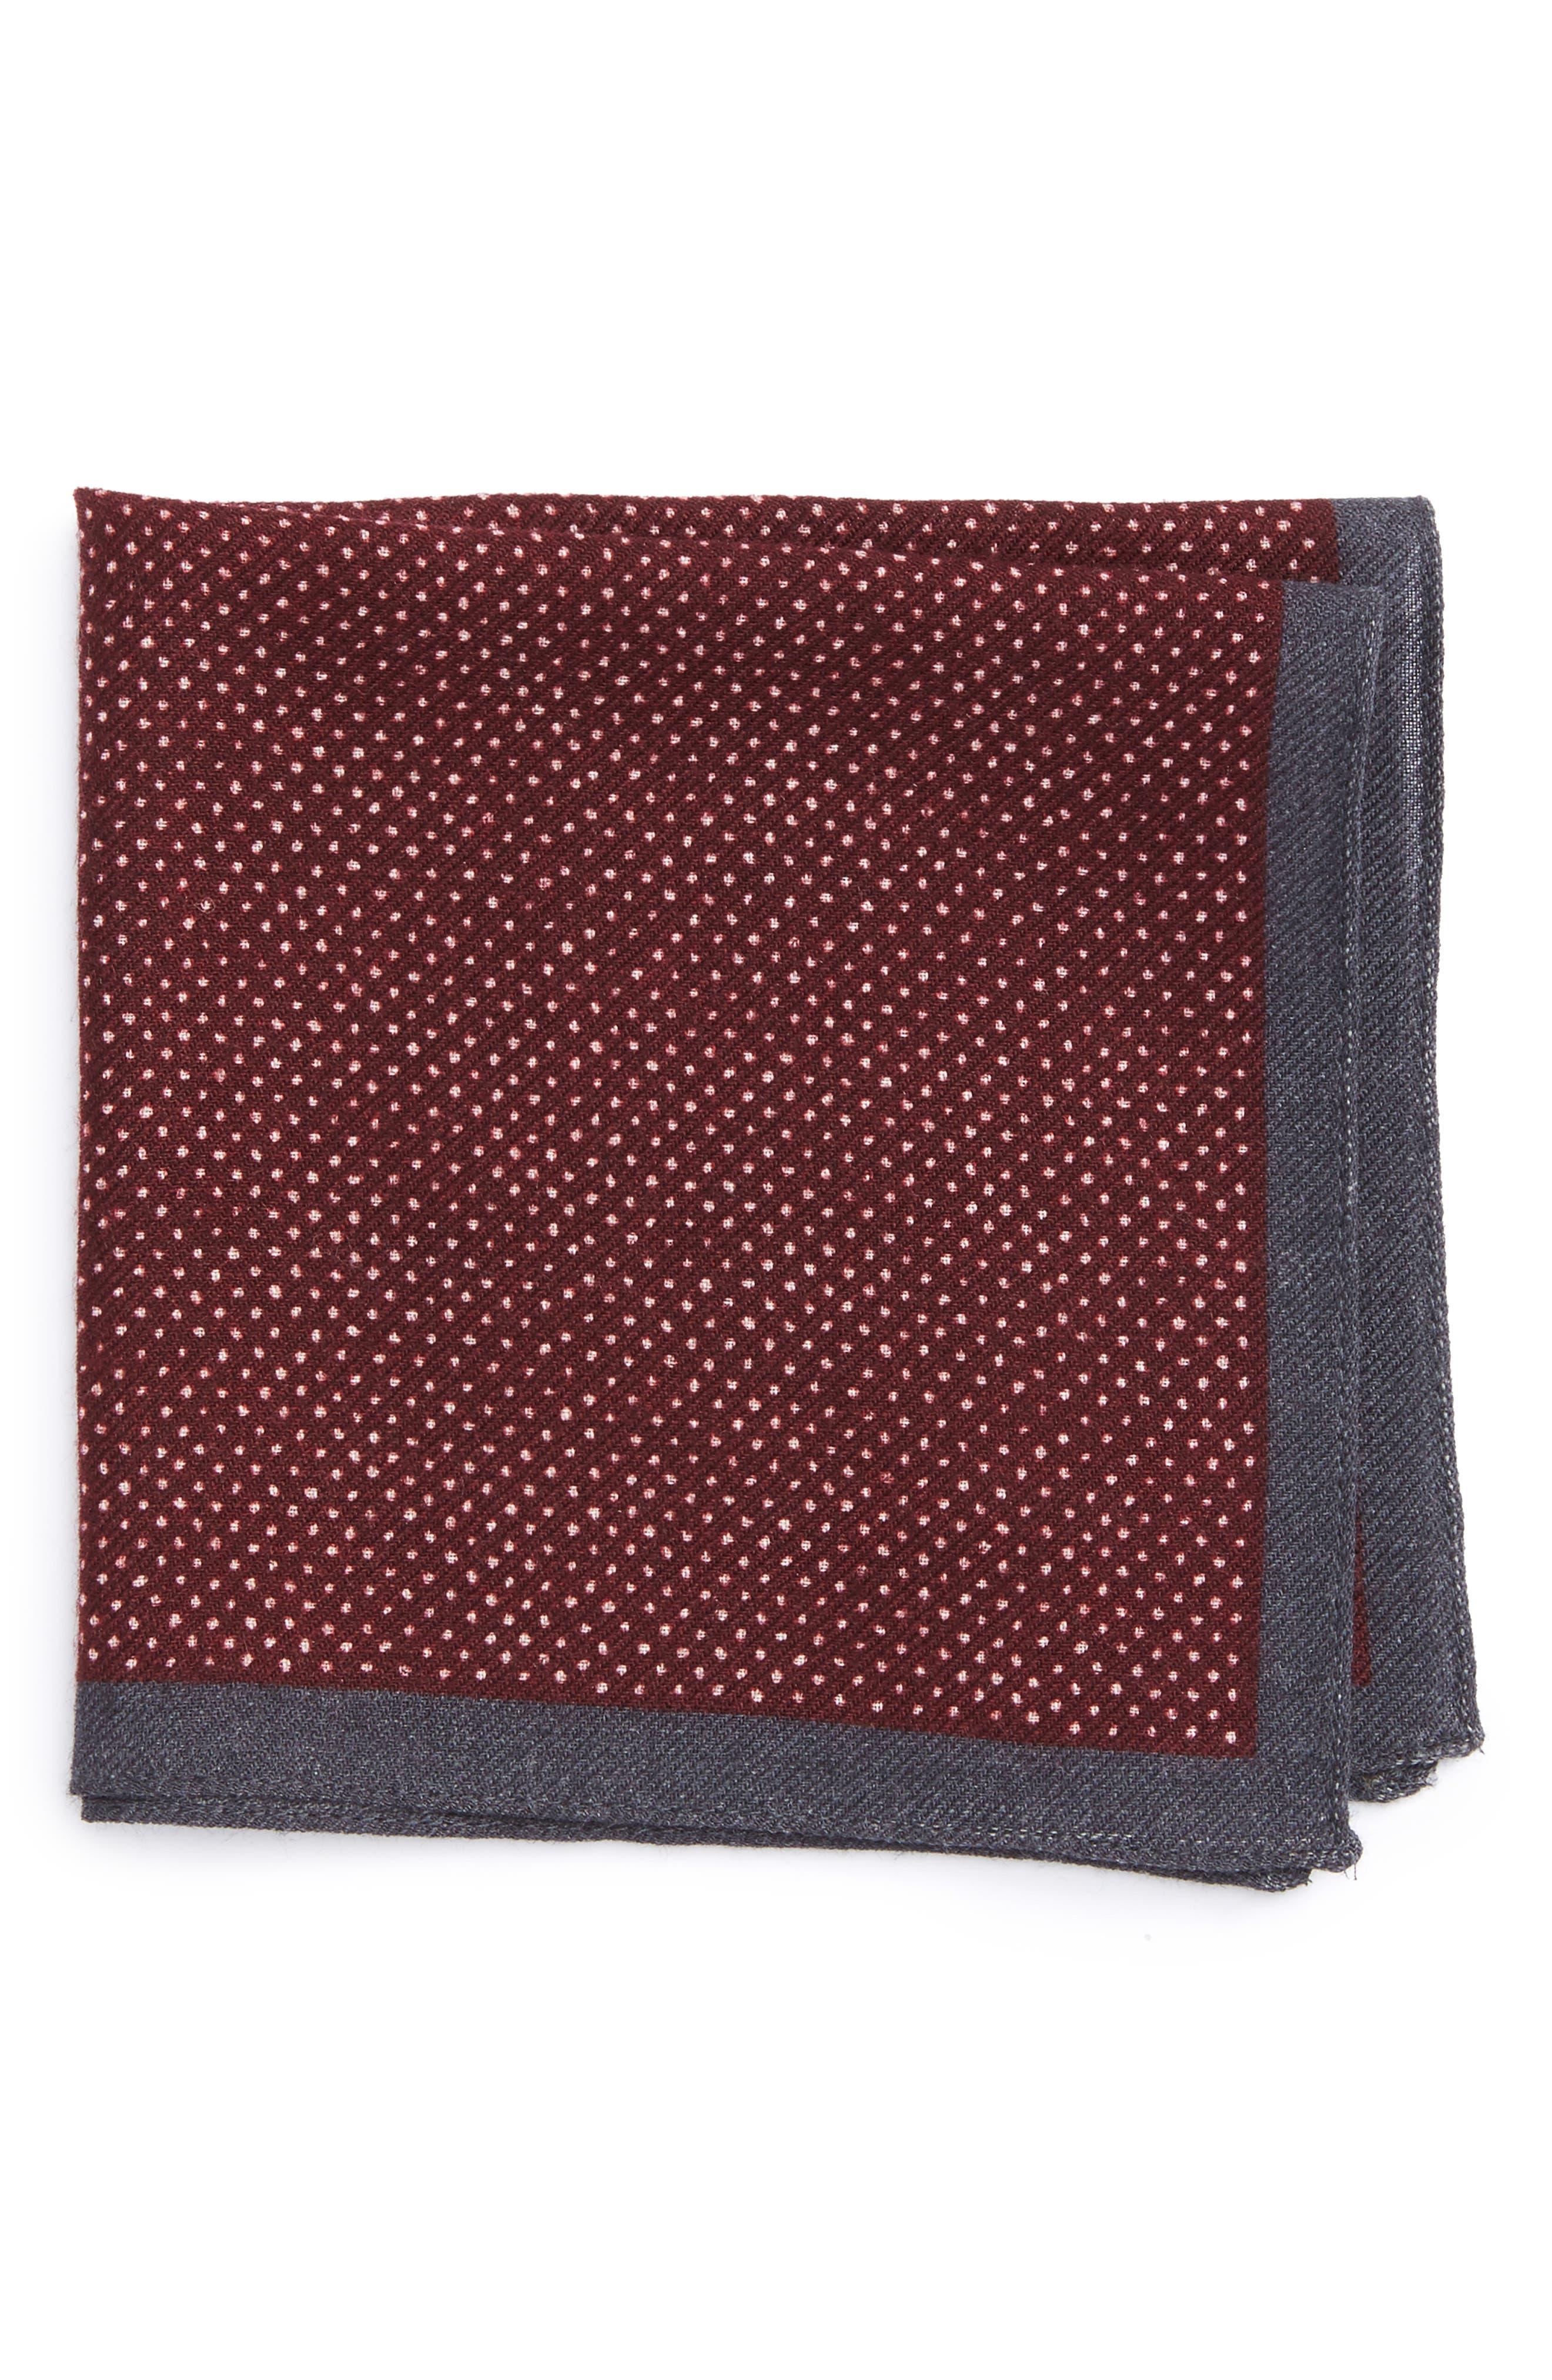 Dot Wool Pocket Square,                             Main thumbnail 2, color,